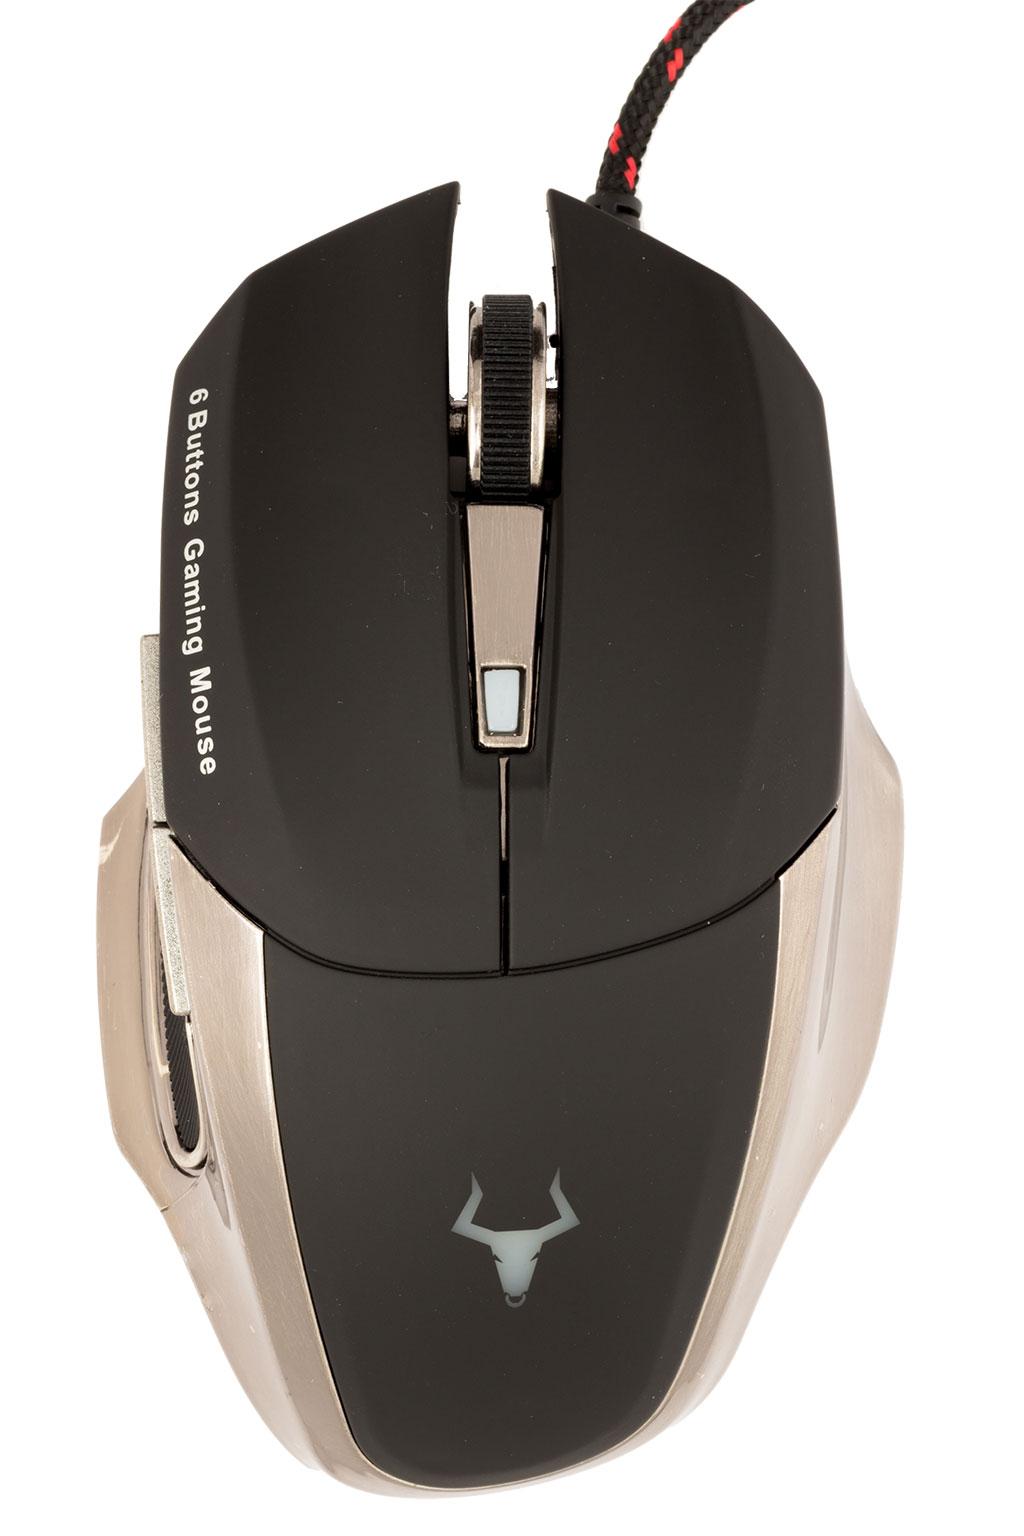 Mouse Gaming Itek Taurus G22 Itek